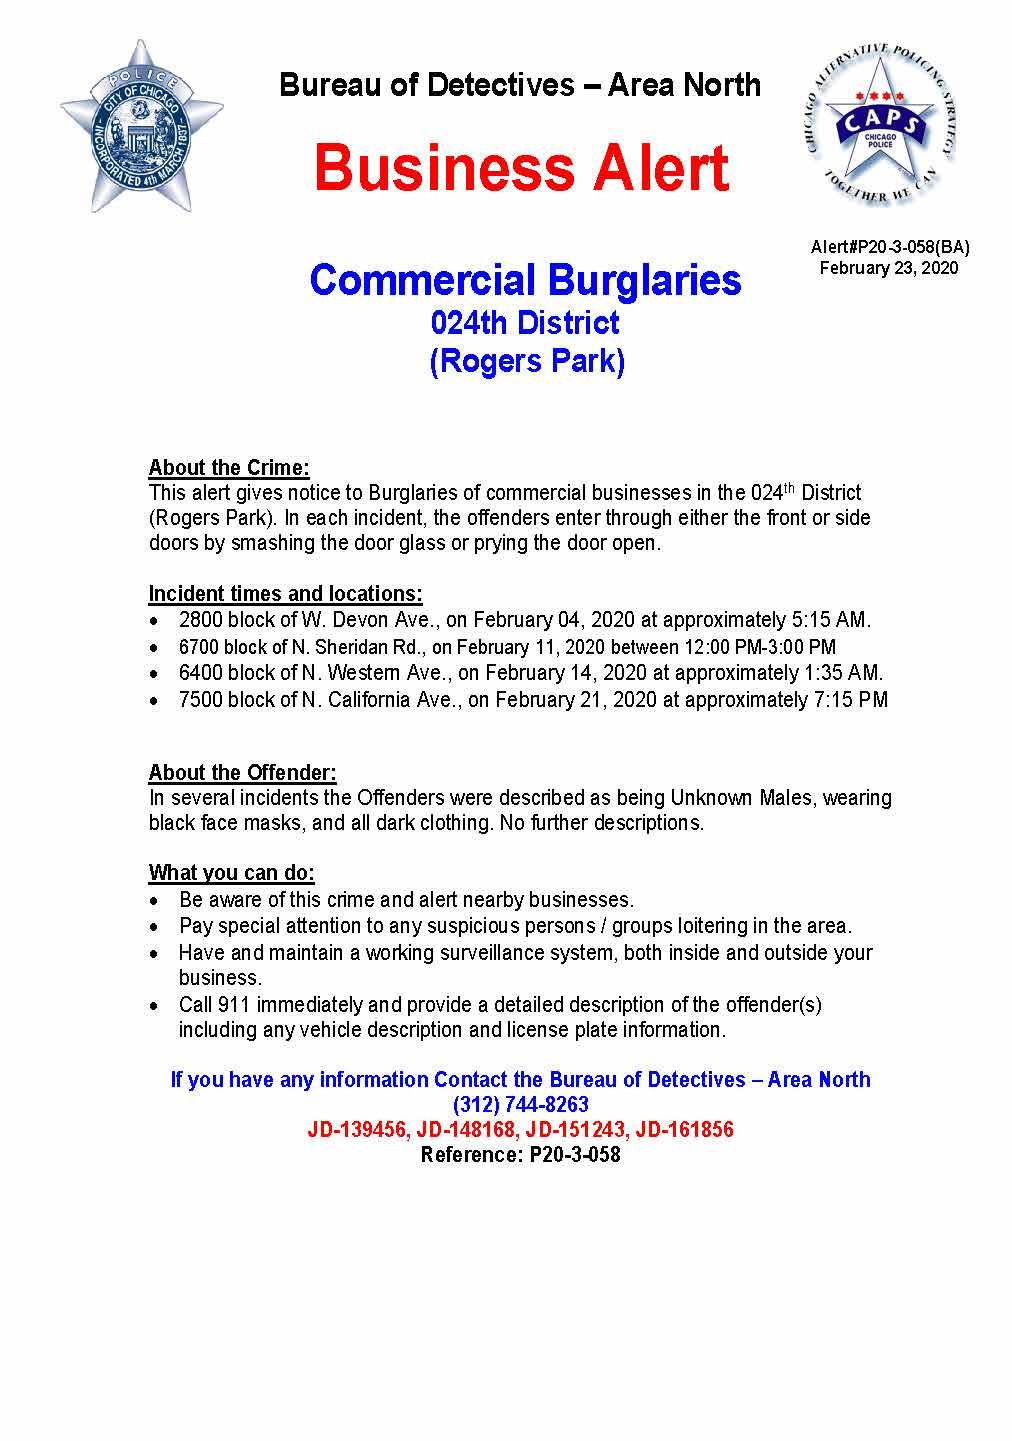 Business Alert P20-3-058(BA)